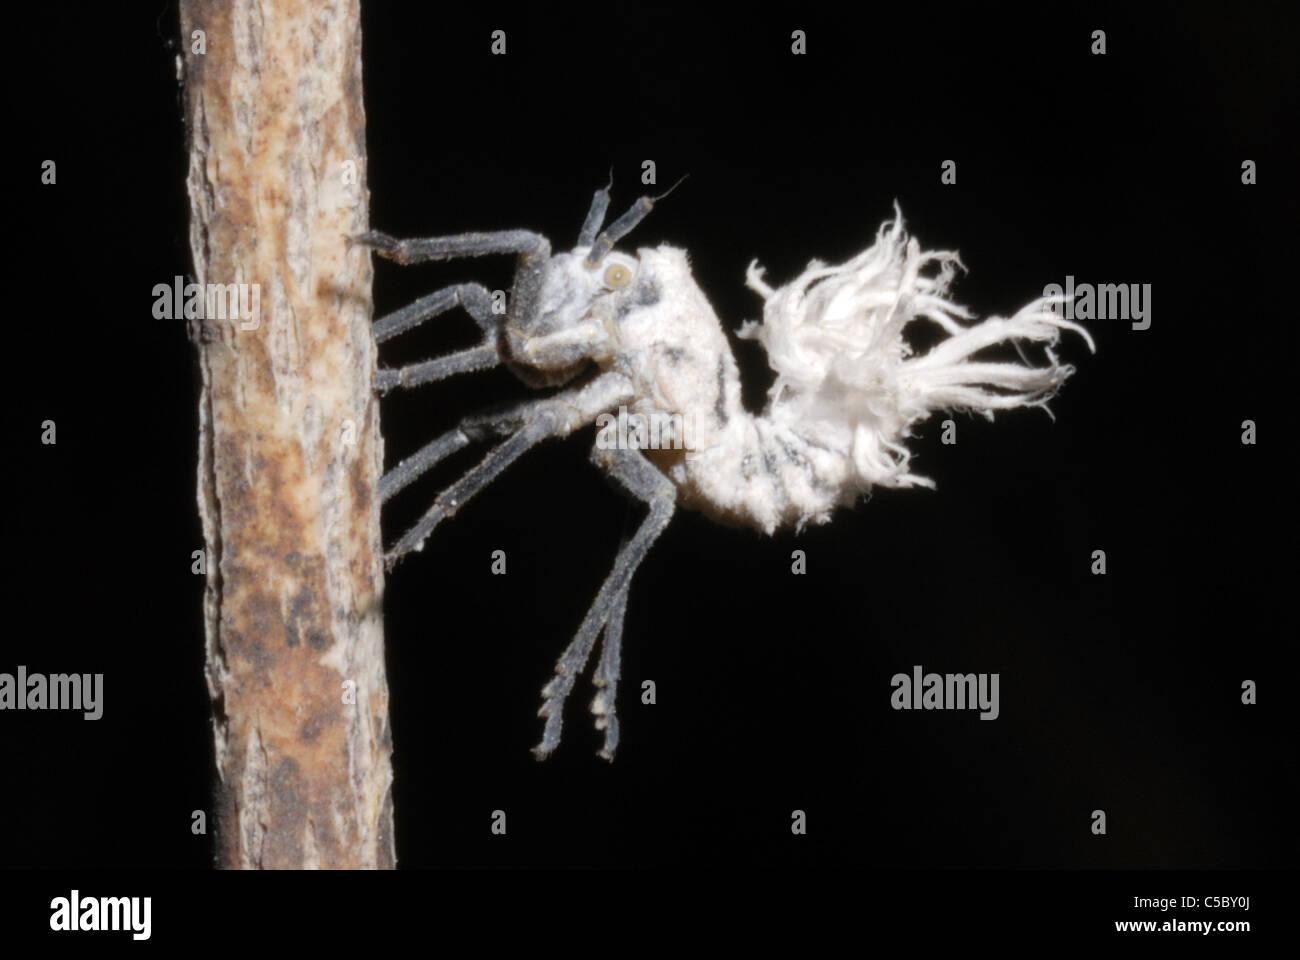 Flatid Bug larva (Flatidae sp. aka plant hopper) in Isalo National Park, Madagascar. August 2010. - Stock Image